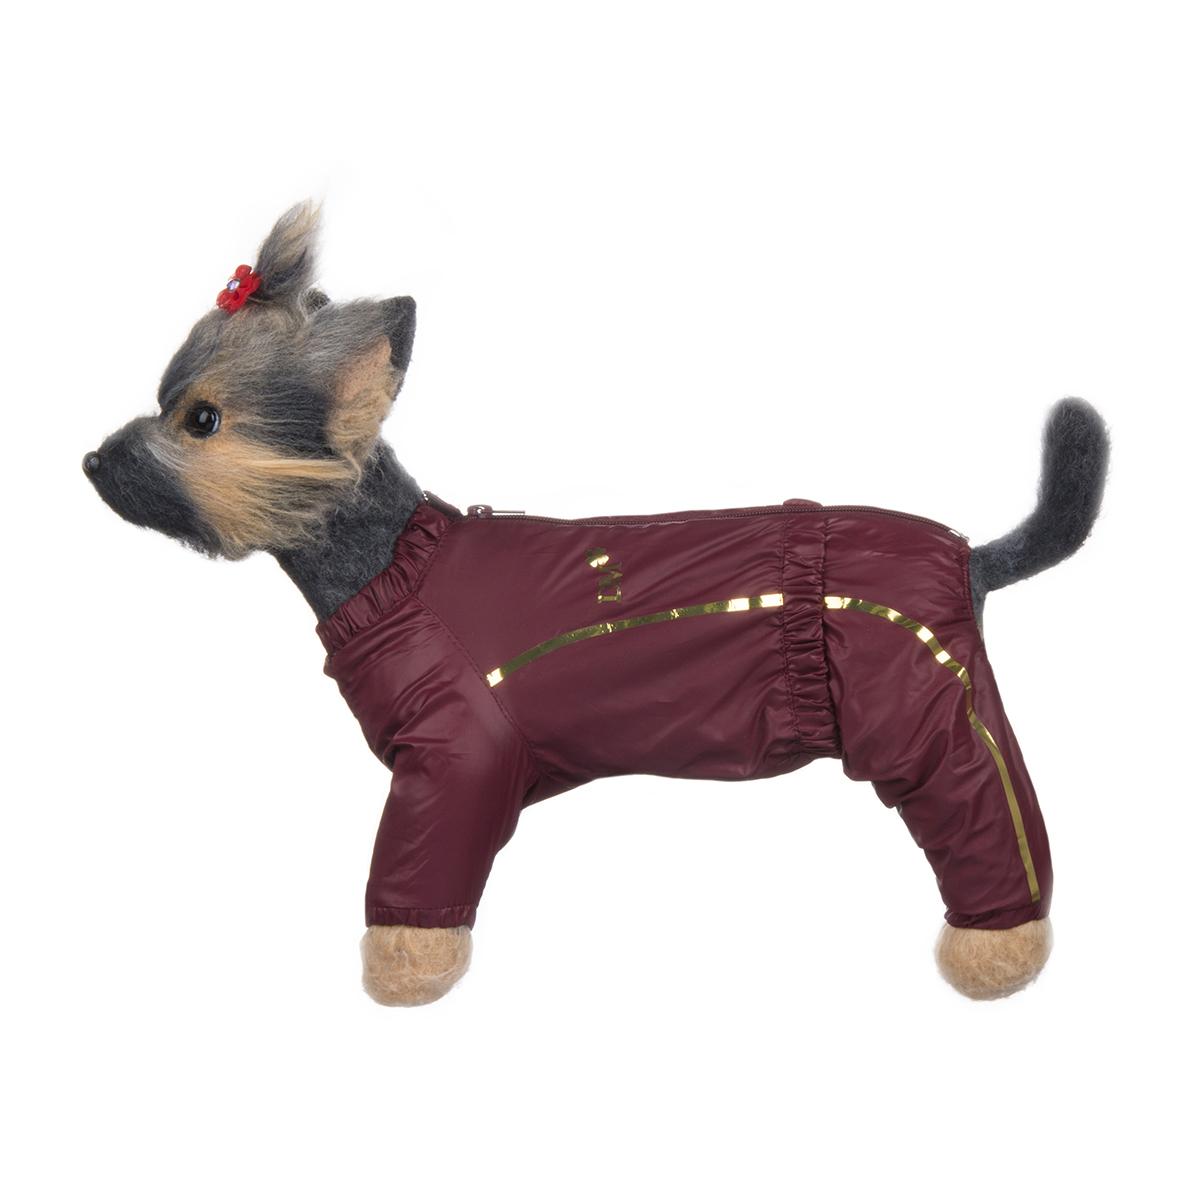 Комбинезон для собак Dogmoda Альпы, для девочки, цвет: бордовый. Размер 3 (L)DM-150325-3Комбинезон для собак Dogmoda Альпы отлично подойдет для прогулок поздней осенью или ранней весной. Комбинезон изготовлен из полиэстера, защищающего от ветра и осадков, с подкладкой из флиса, которая сохранит тепло и обеспечит отличный воздухообмен. Комбинезон застегивается на молнию и липучку, благодаря чему его легко надевать и снимать. Ворот, низ рукавов и брючин оснащены внутренними резинками, которые мягко обхватывают шею и лапки, не позволяя просачиваться холодному воздуху. На пояснице имеется внутренняя резинка. Изделие декорировано золотистыми полосками и надписью DM.Благодаря такому комбинезону простуда не грозит вашему питомцу и он не даст любимцу продрогнуть на прогулке.Одежда для собак: нужна ли она и как её выбрать. Статья OZON Гид